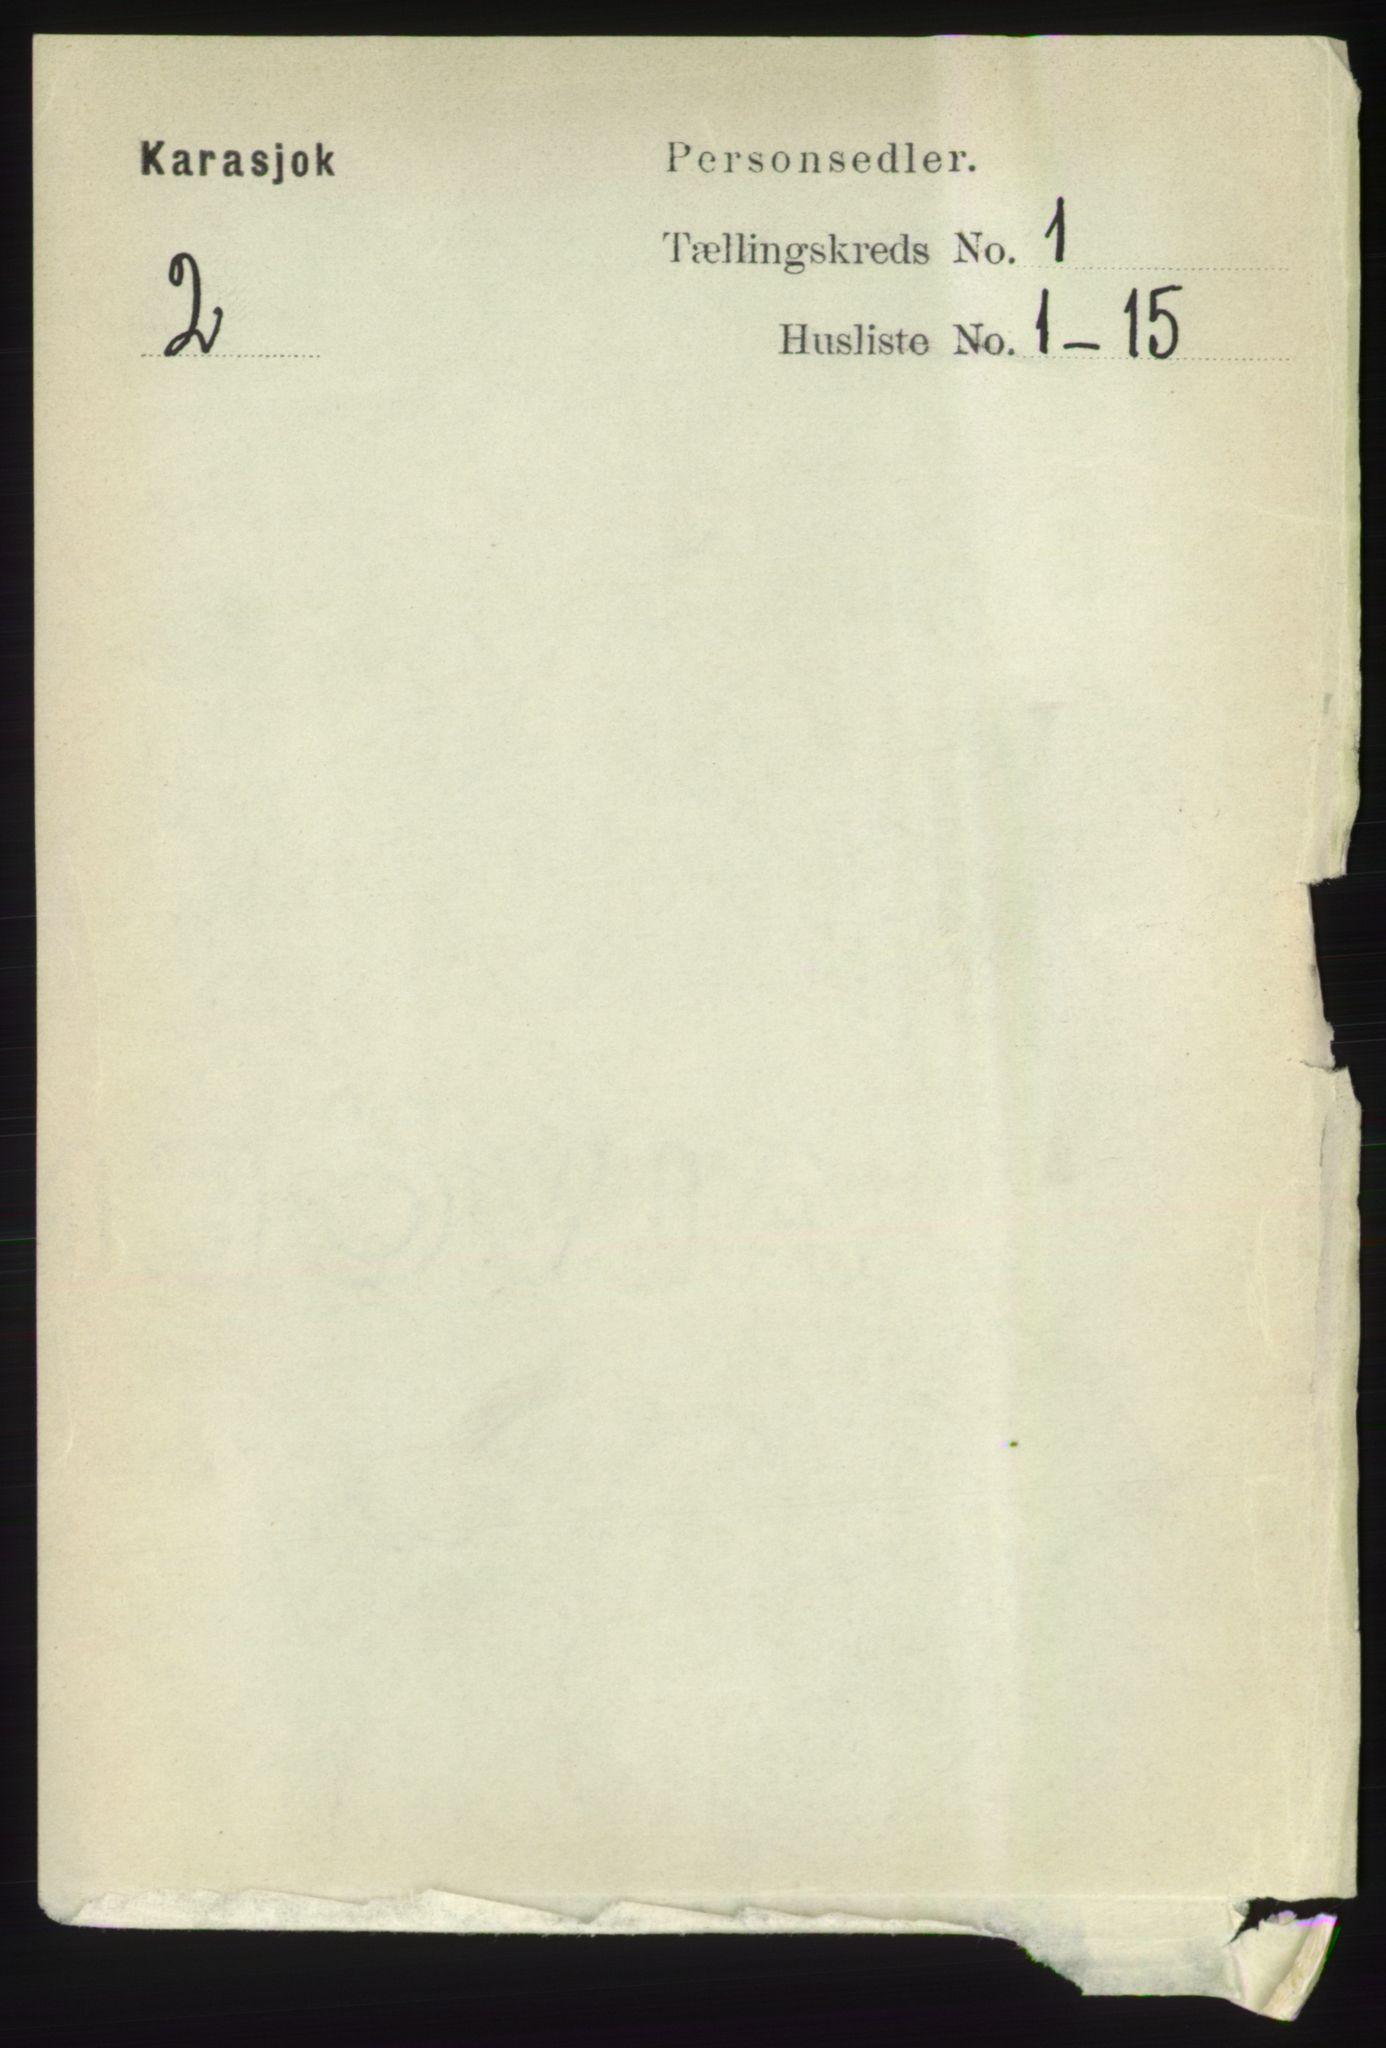 RA, Folketelling 1891 for 2021 Karasjok herred, 1891, s. 53